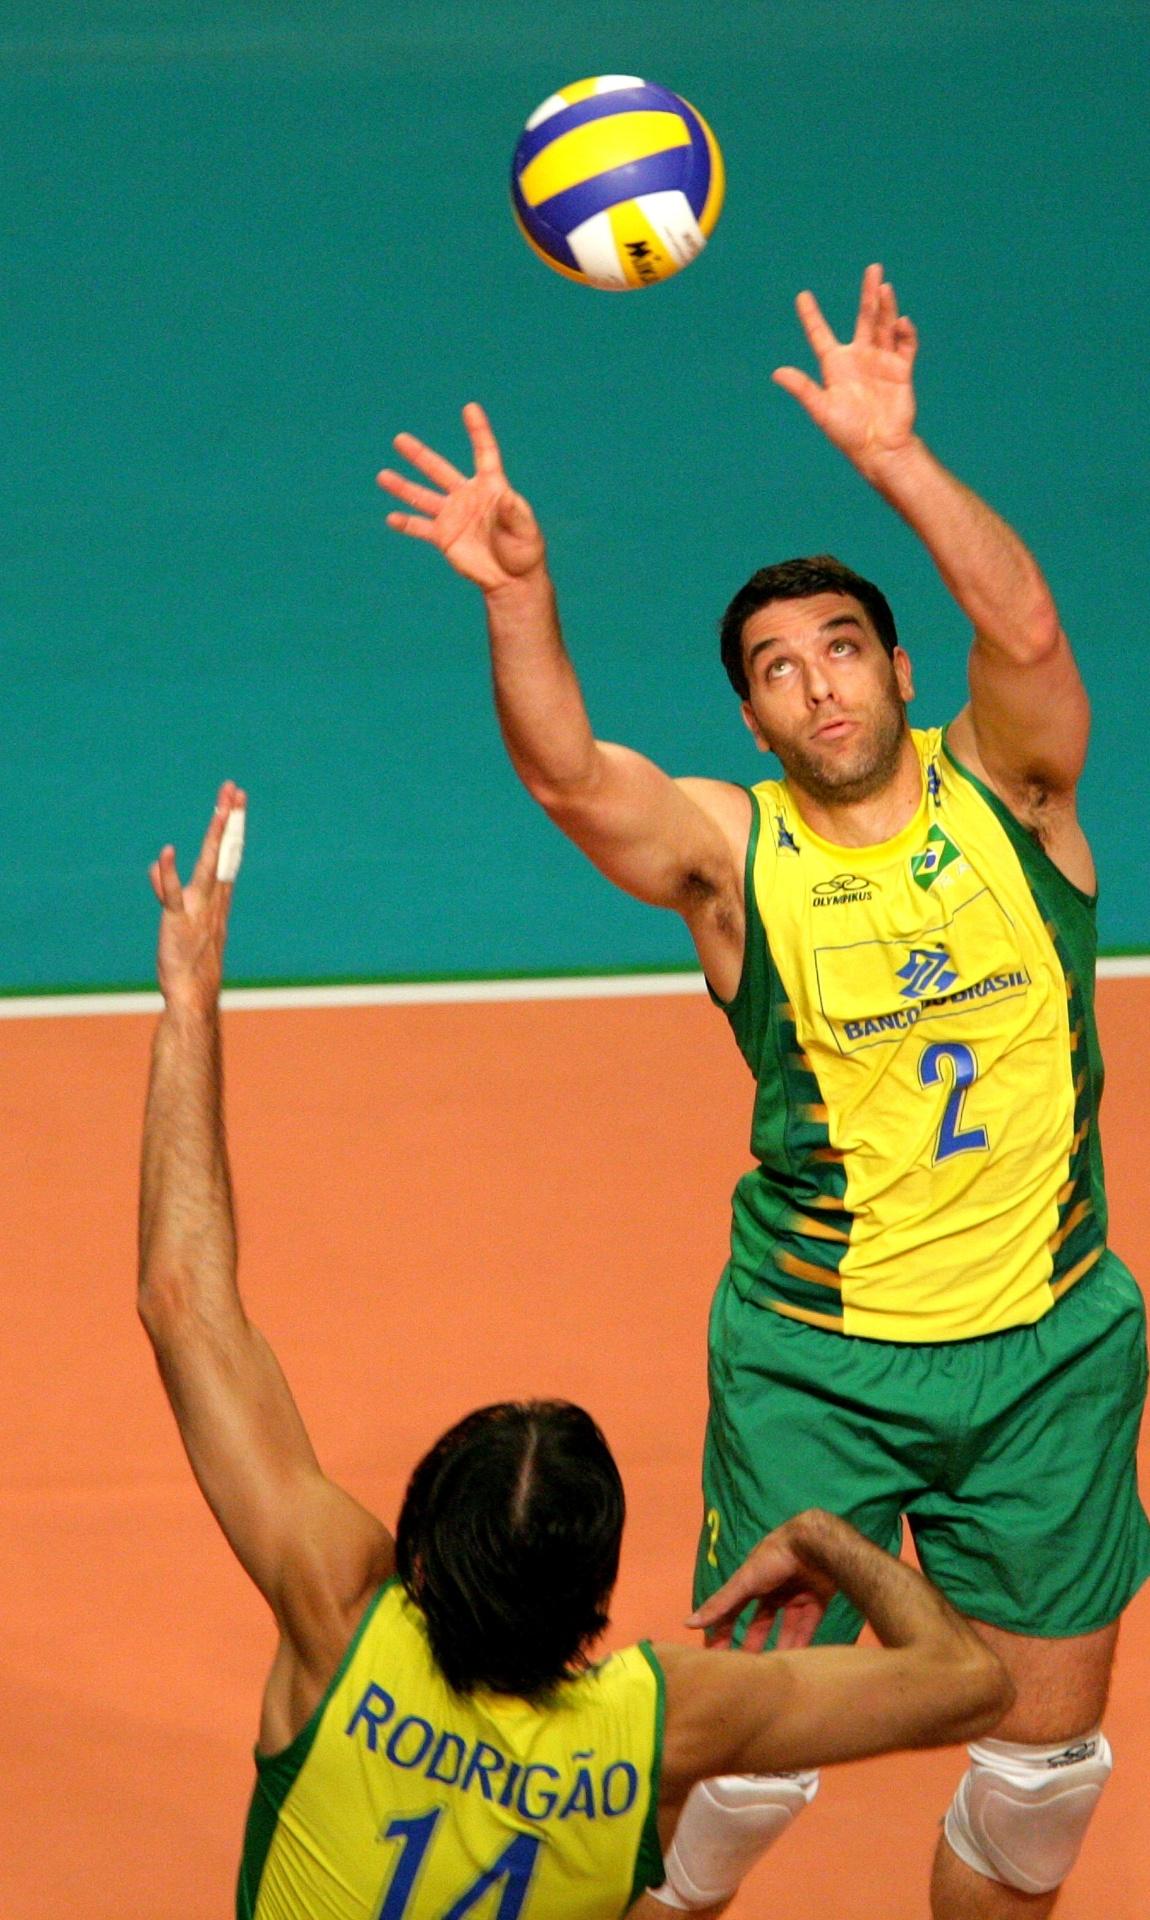 Marcelinho levanta bola para Rodrigão durante jogo da seleção brasileira